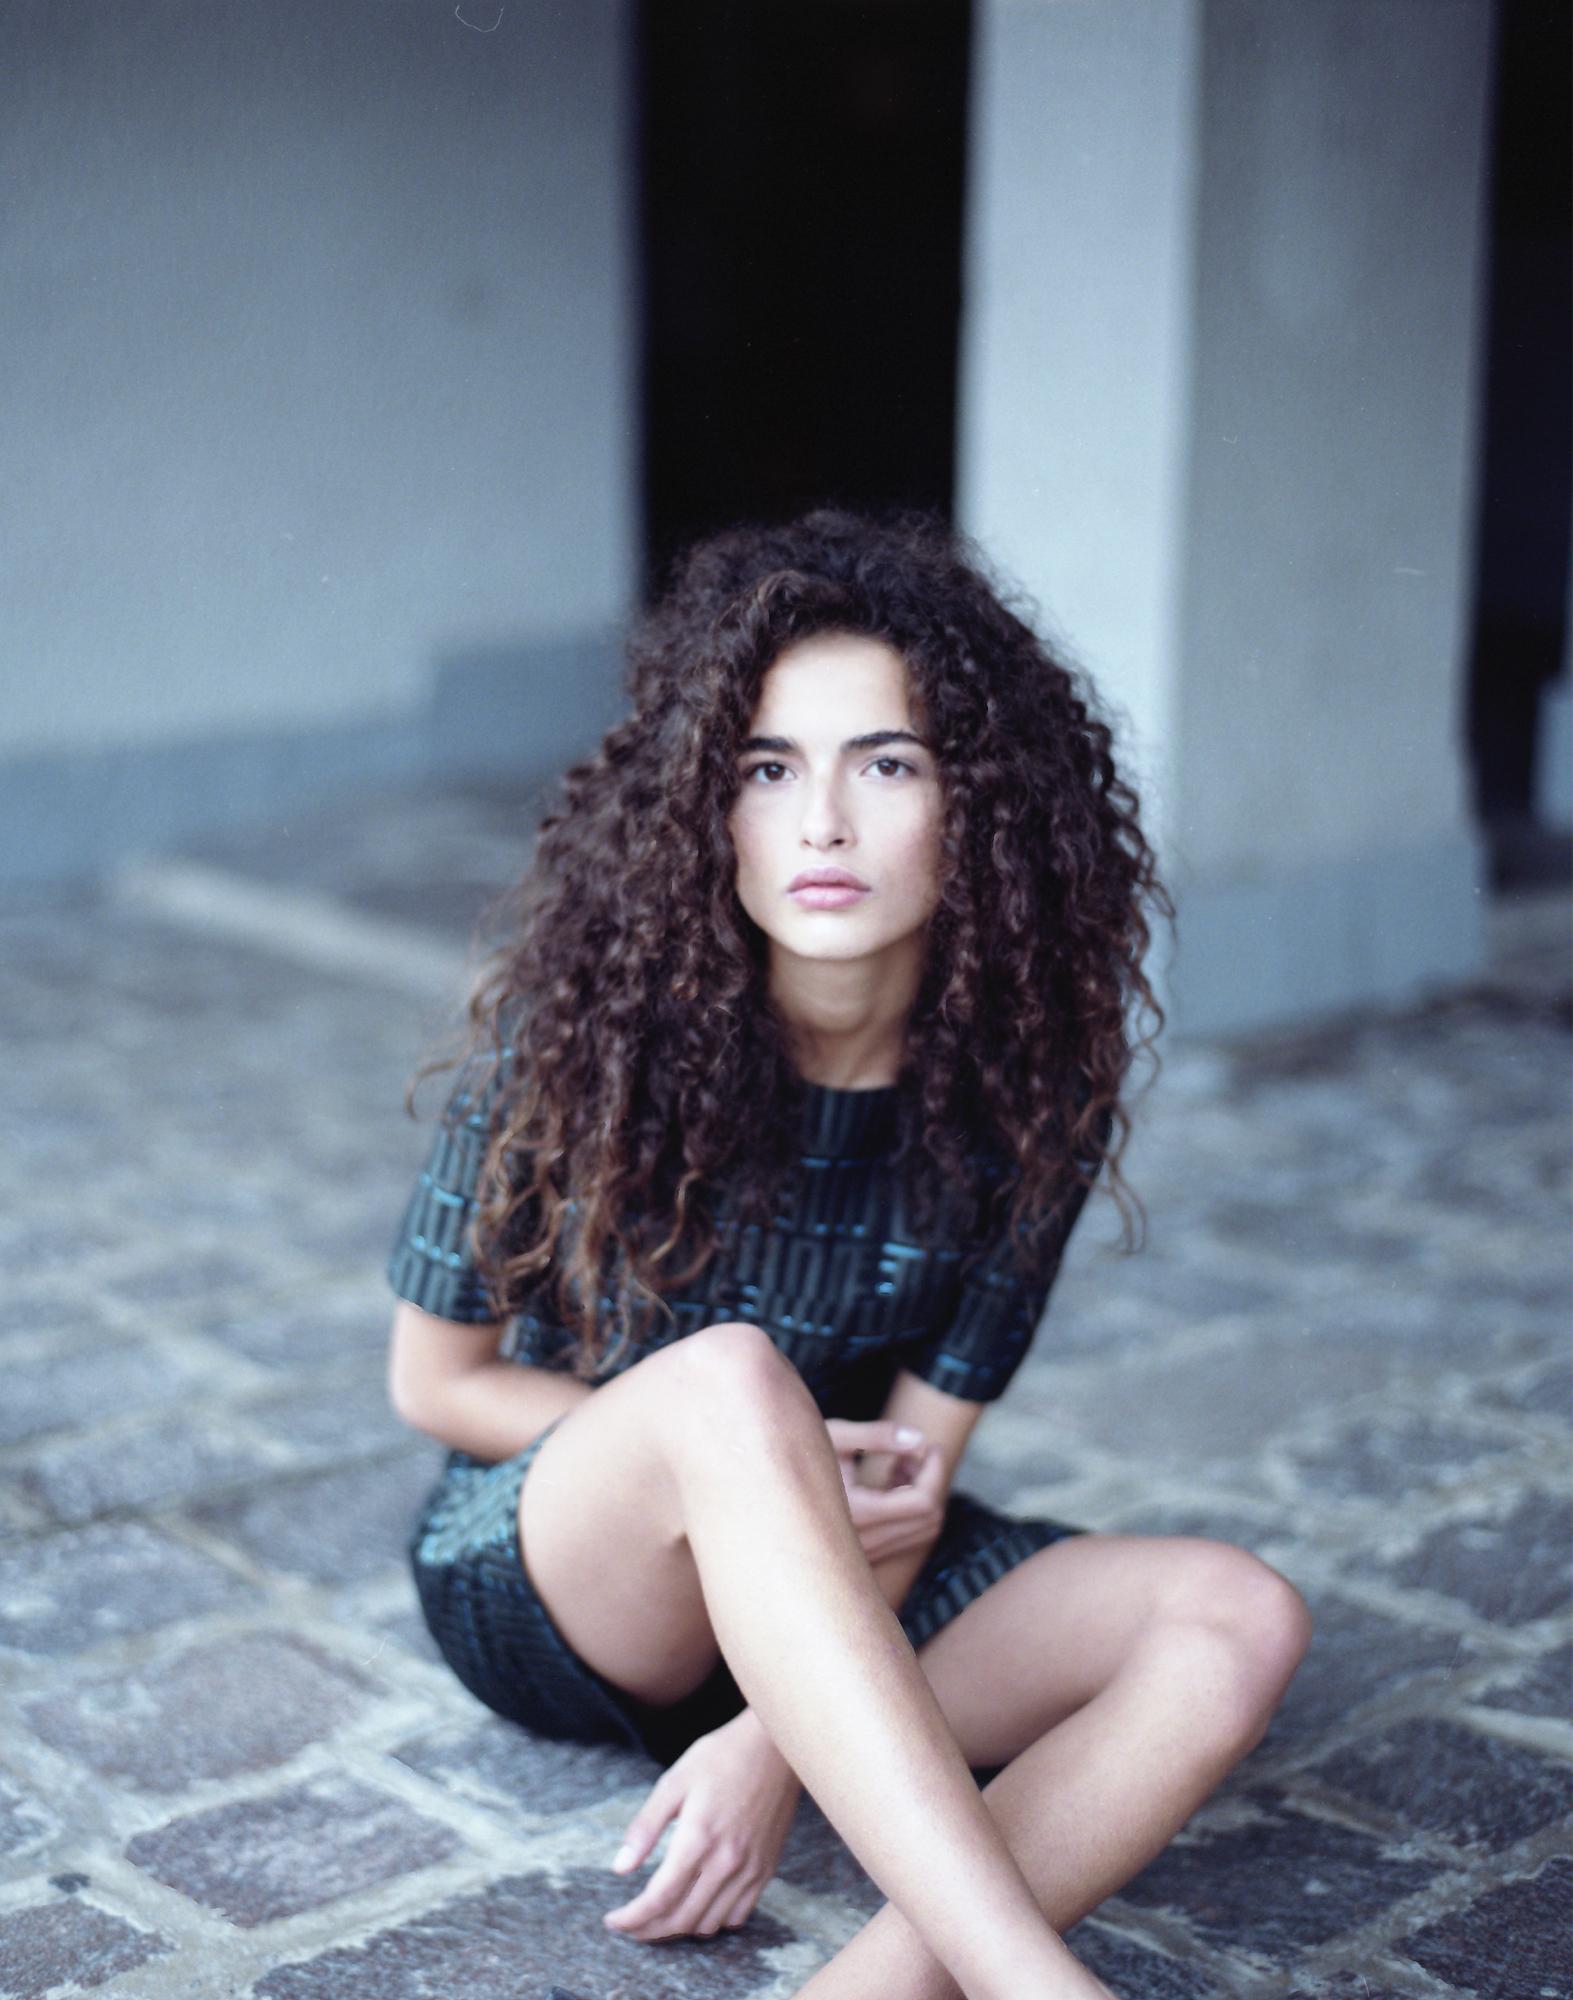 Chiara model Nude Photos 47